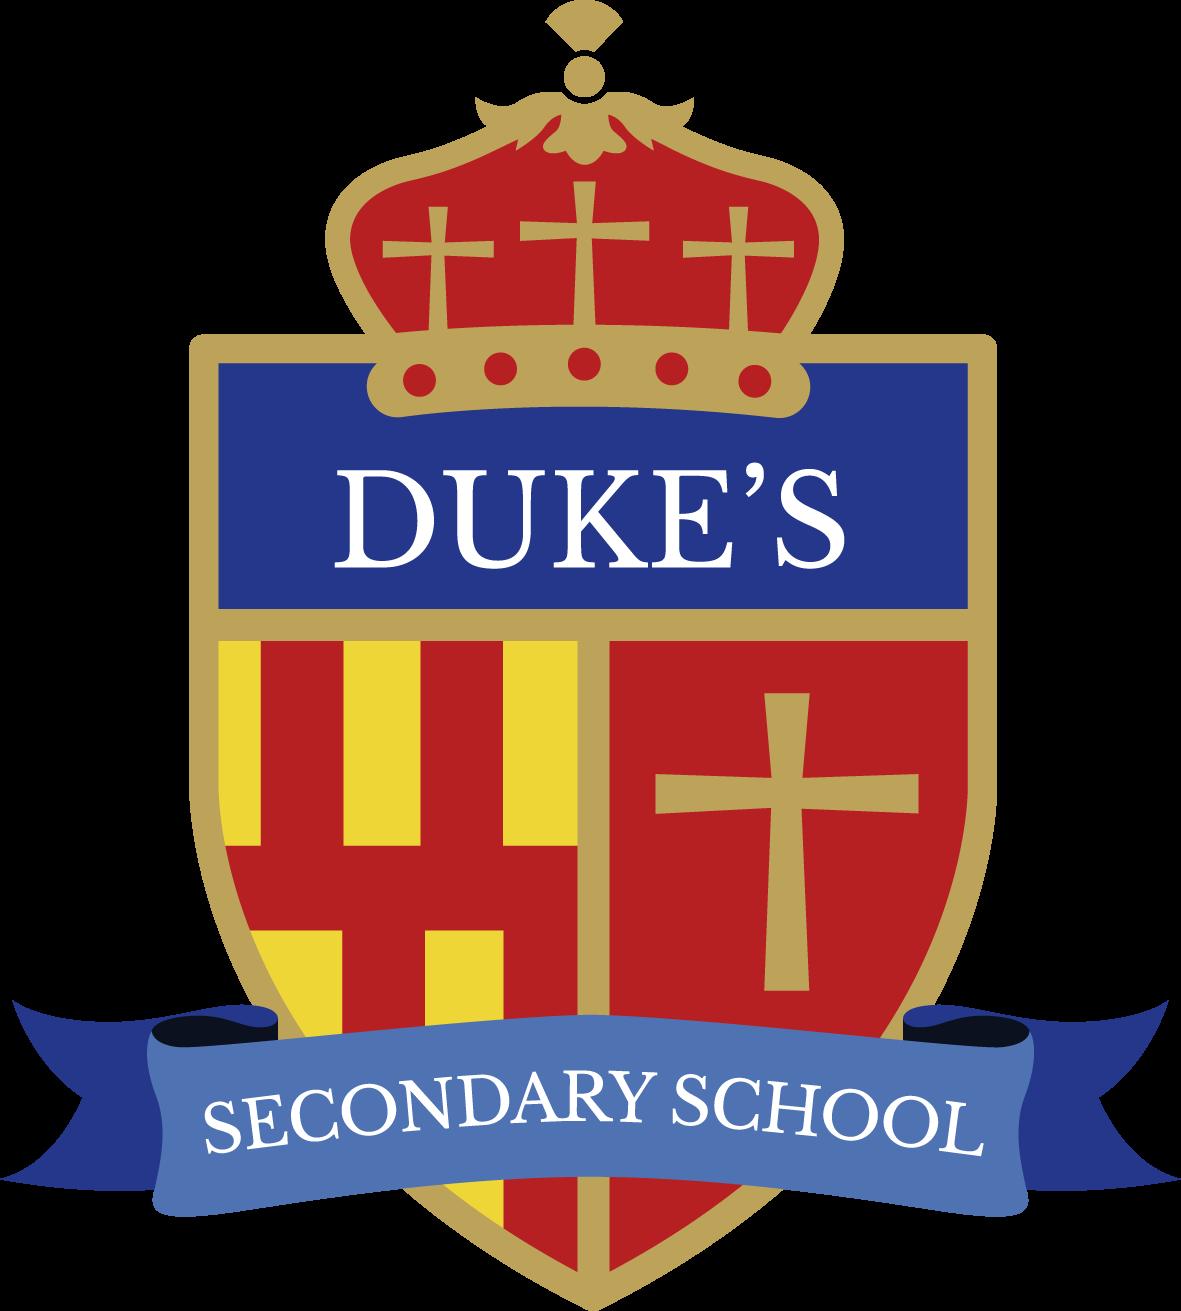 Duke's Secondary School Logo